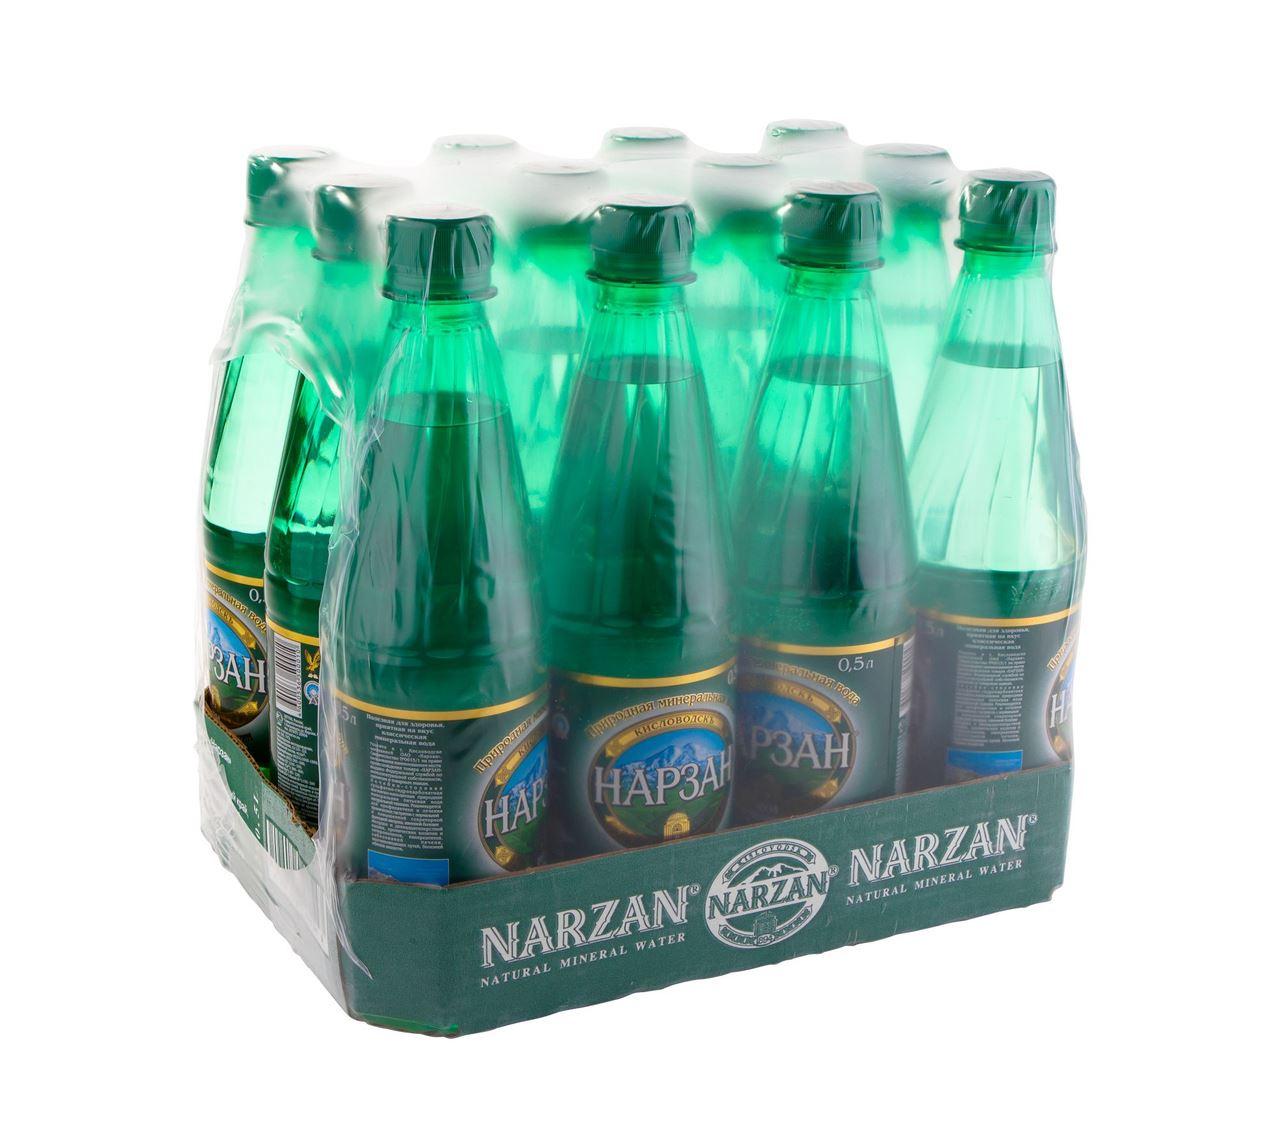 Вода Нарзан природная минеральная натуральной газации (пэт), 0,5л (упаковка 12шт)